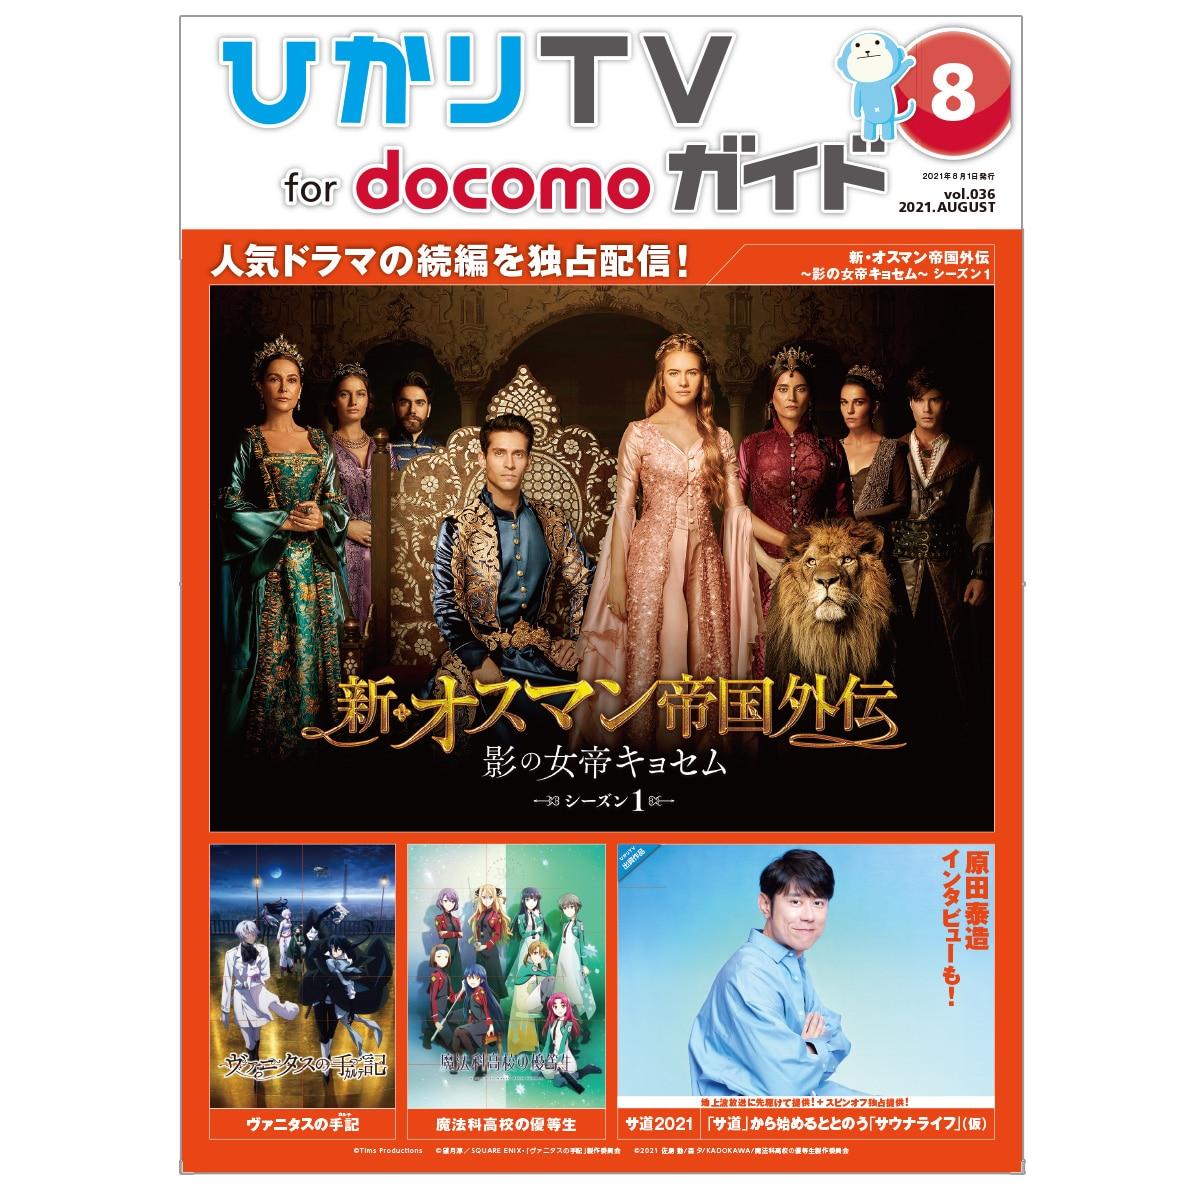 NTTぷらら 【2021年8月号】 ひかりTV for docomo ガイド誌